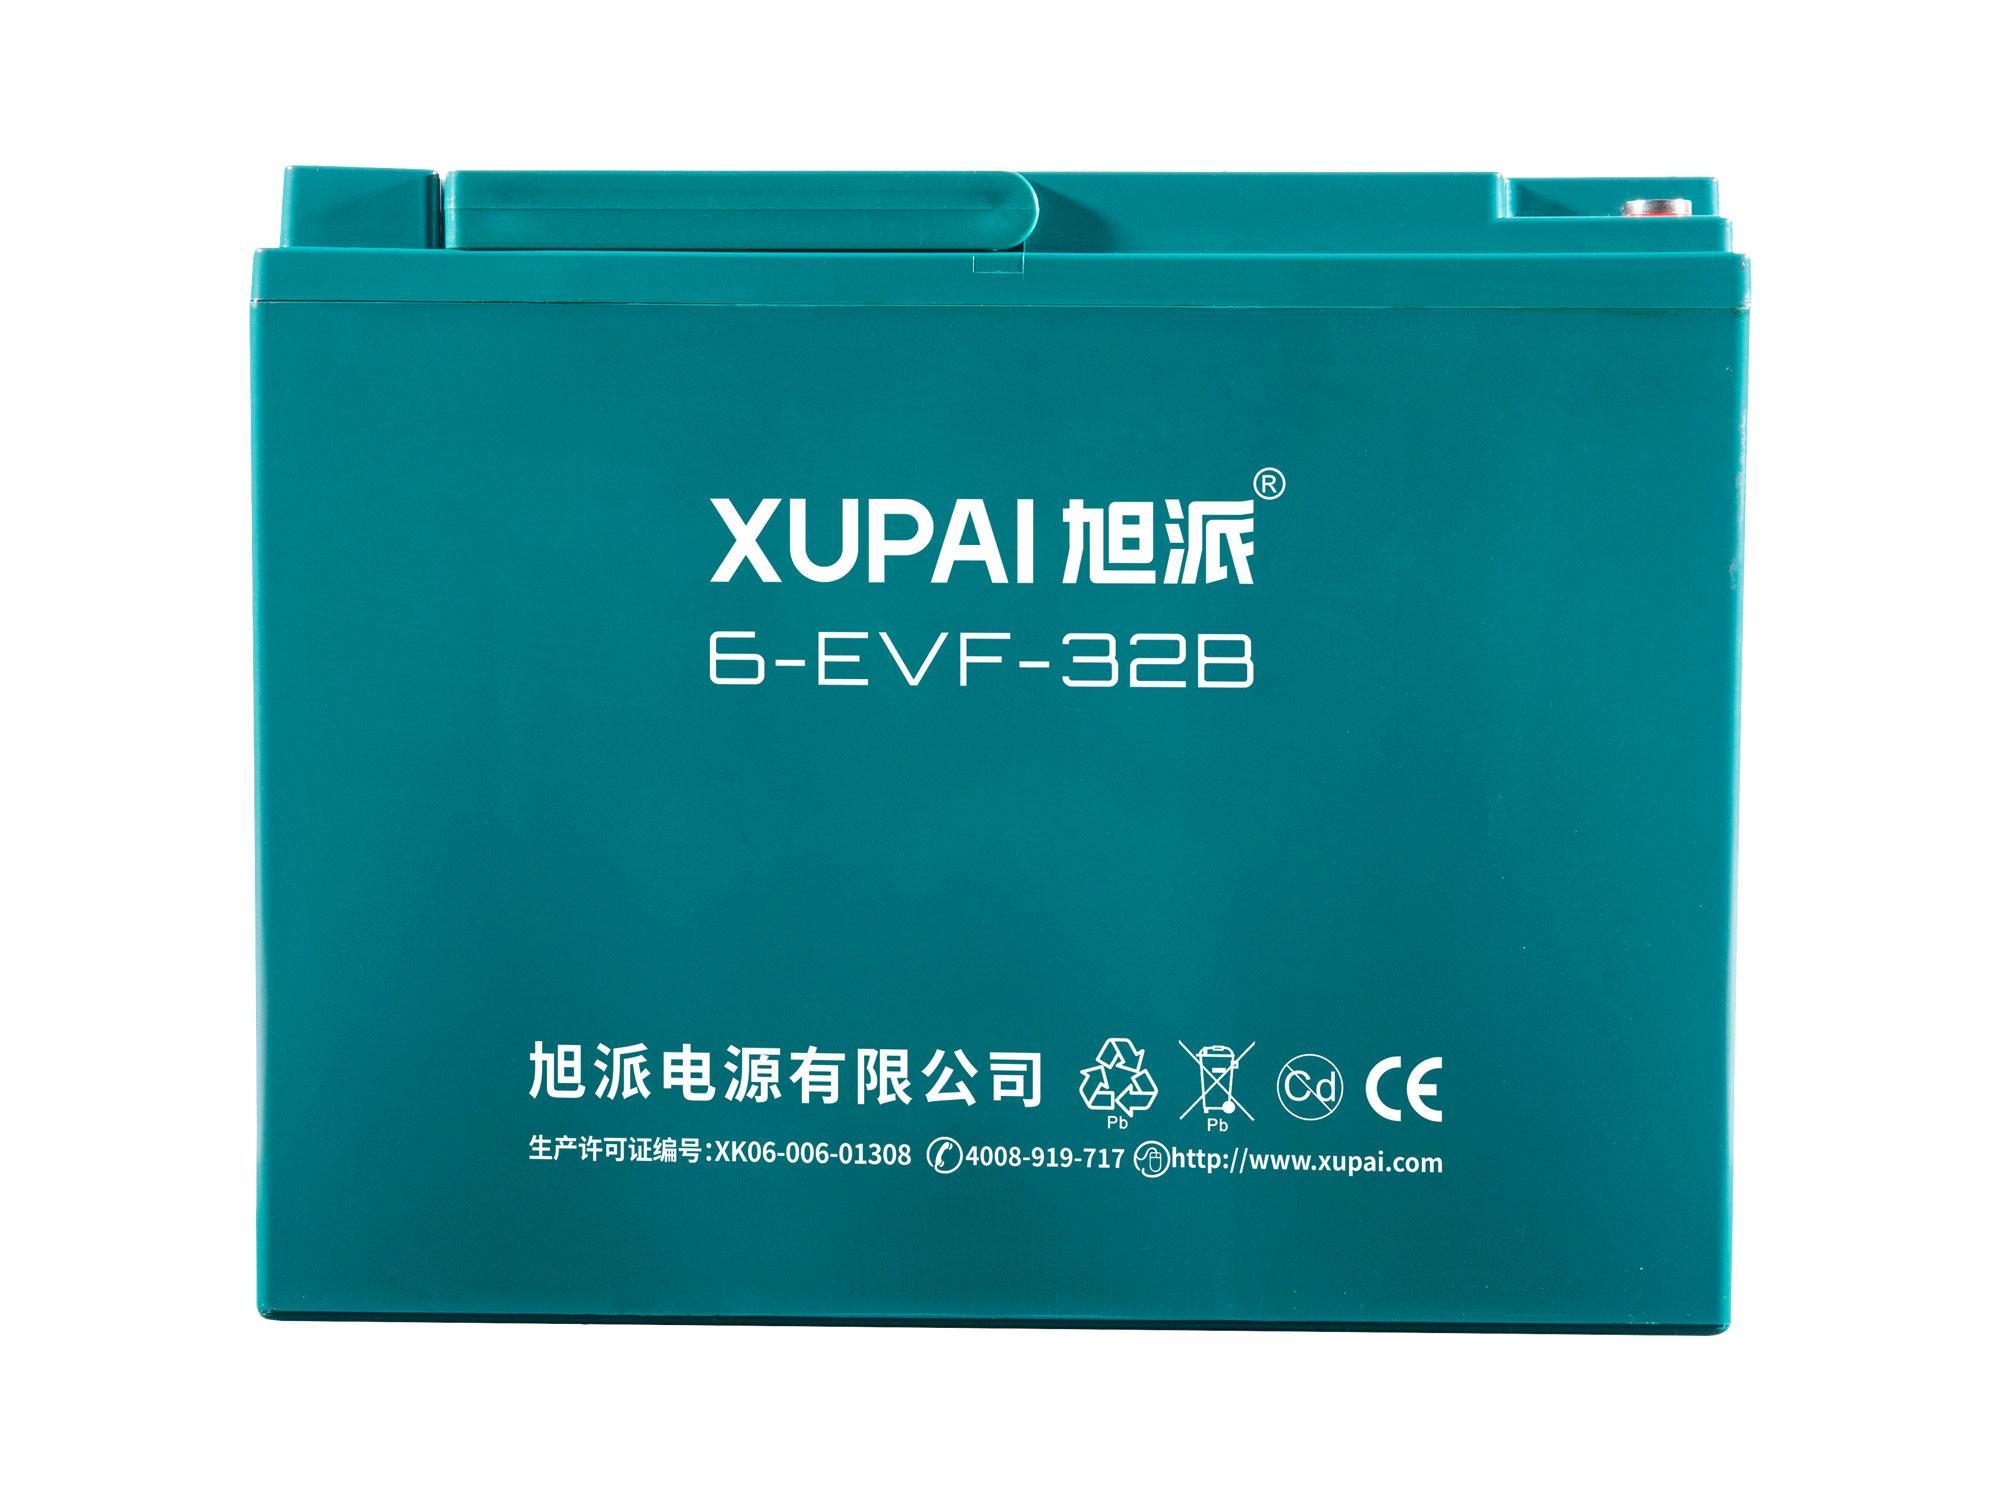 6-evf-32b电动道路车电池